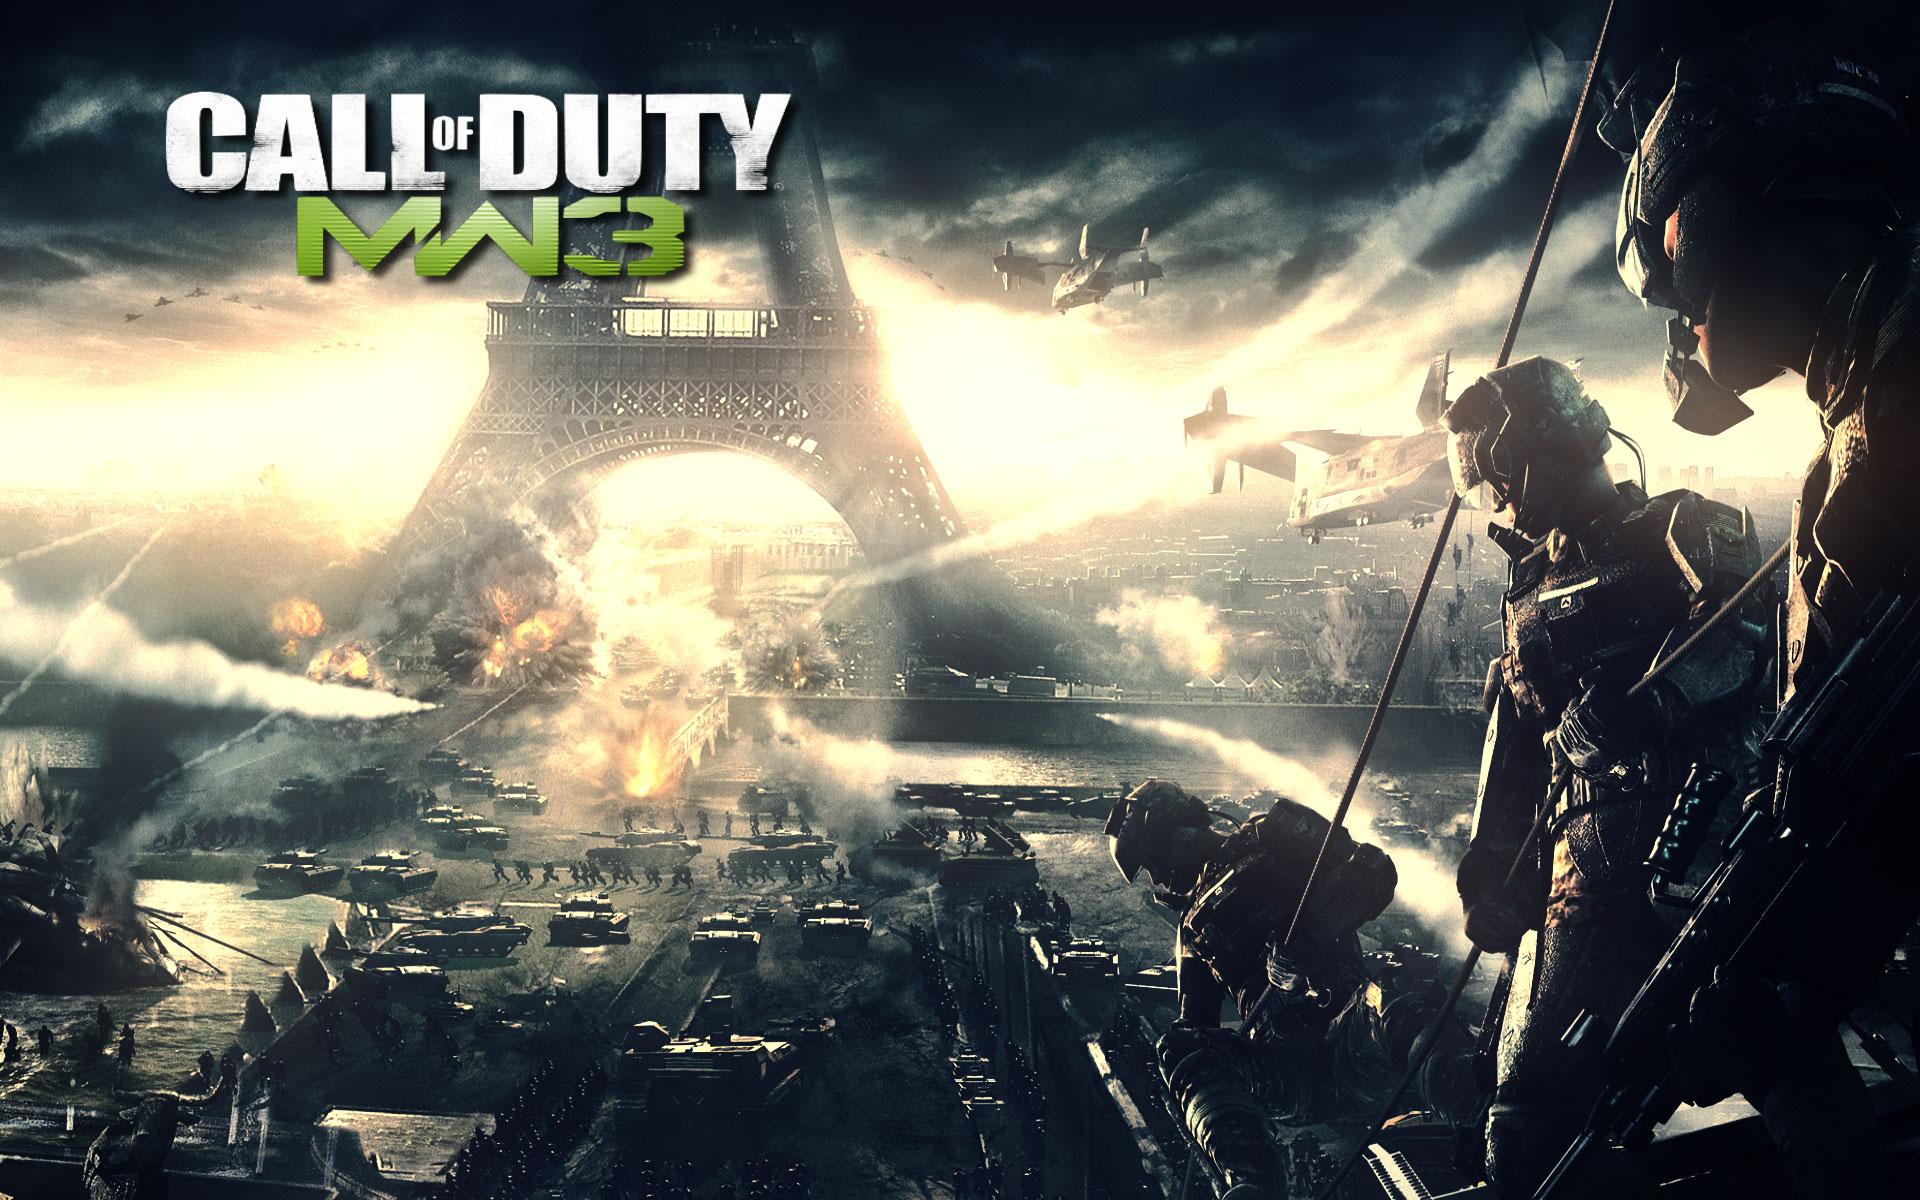 Call Of Duty Modern Warfare 3 Wallpaper 1 Wallpapersbq